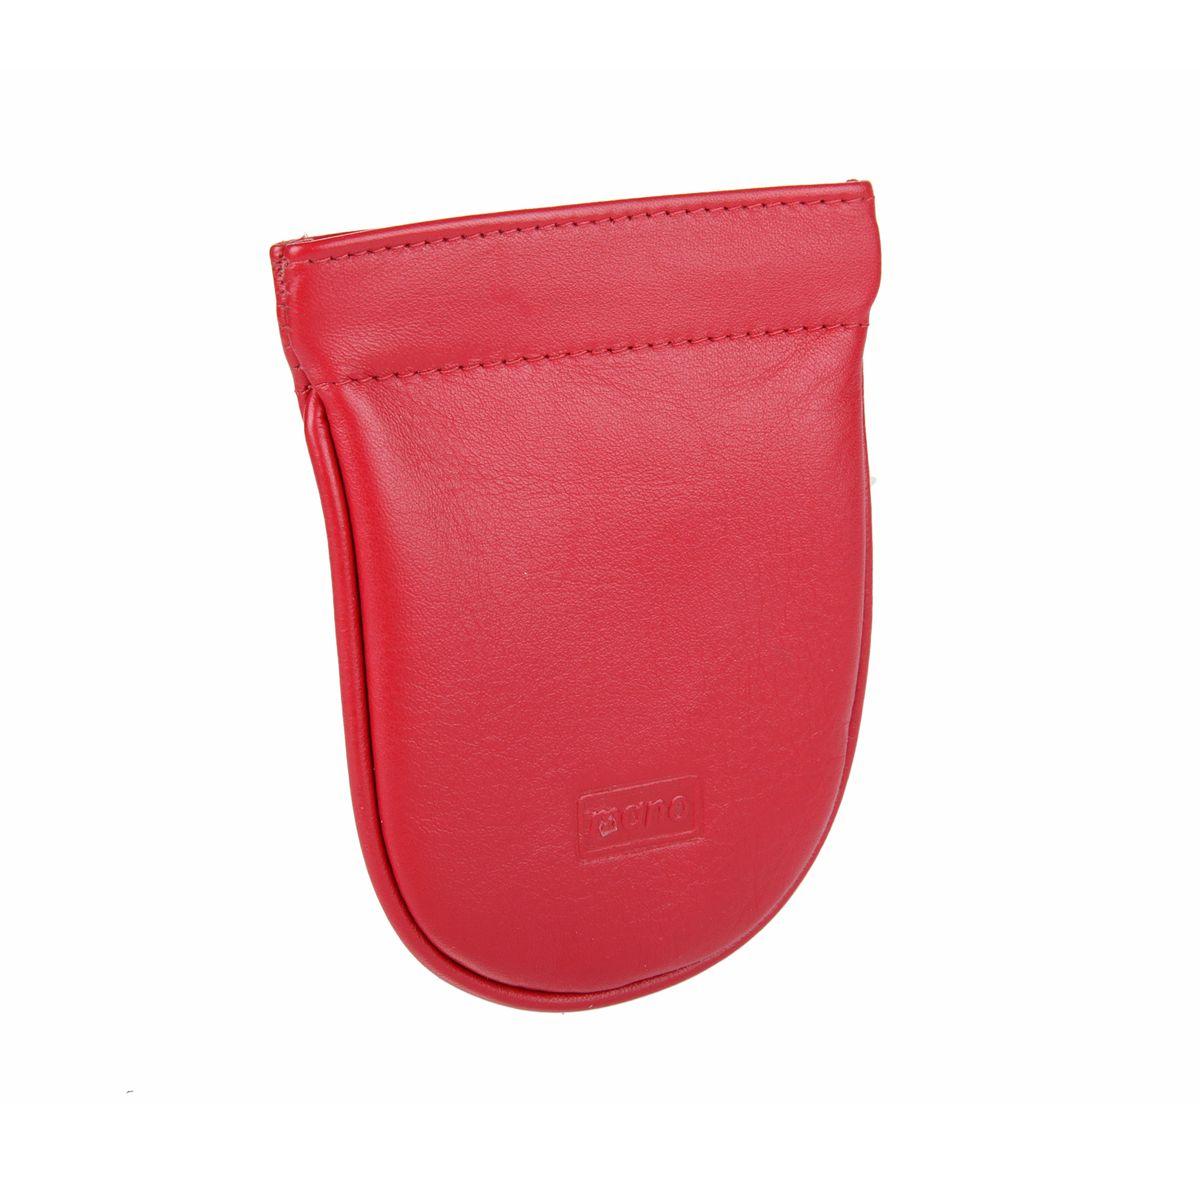 Ключница Mano, цвет: красный. 1341713417 redОригинальная ключница Mano изготовлена из натуральной кожи, оформлена тиснением в виде логотипа бренда. Ключница содержит одно кольцо для ключей. Компактная ключница станет отличным подарком для человека, ценящего качественные и необычные вещи.